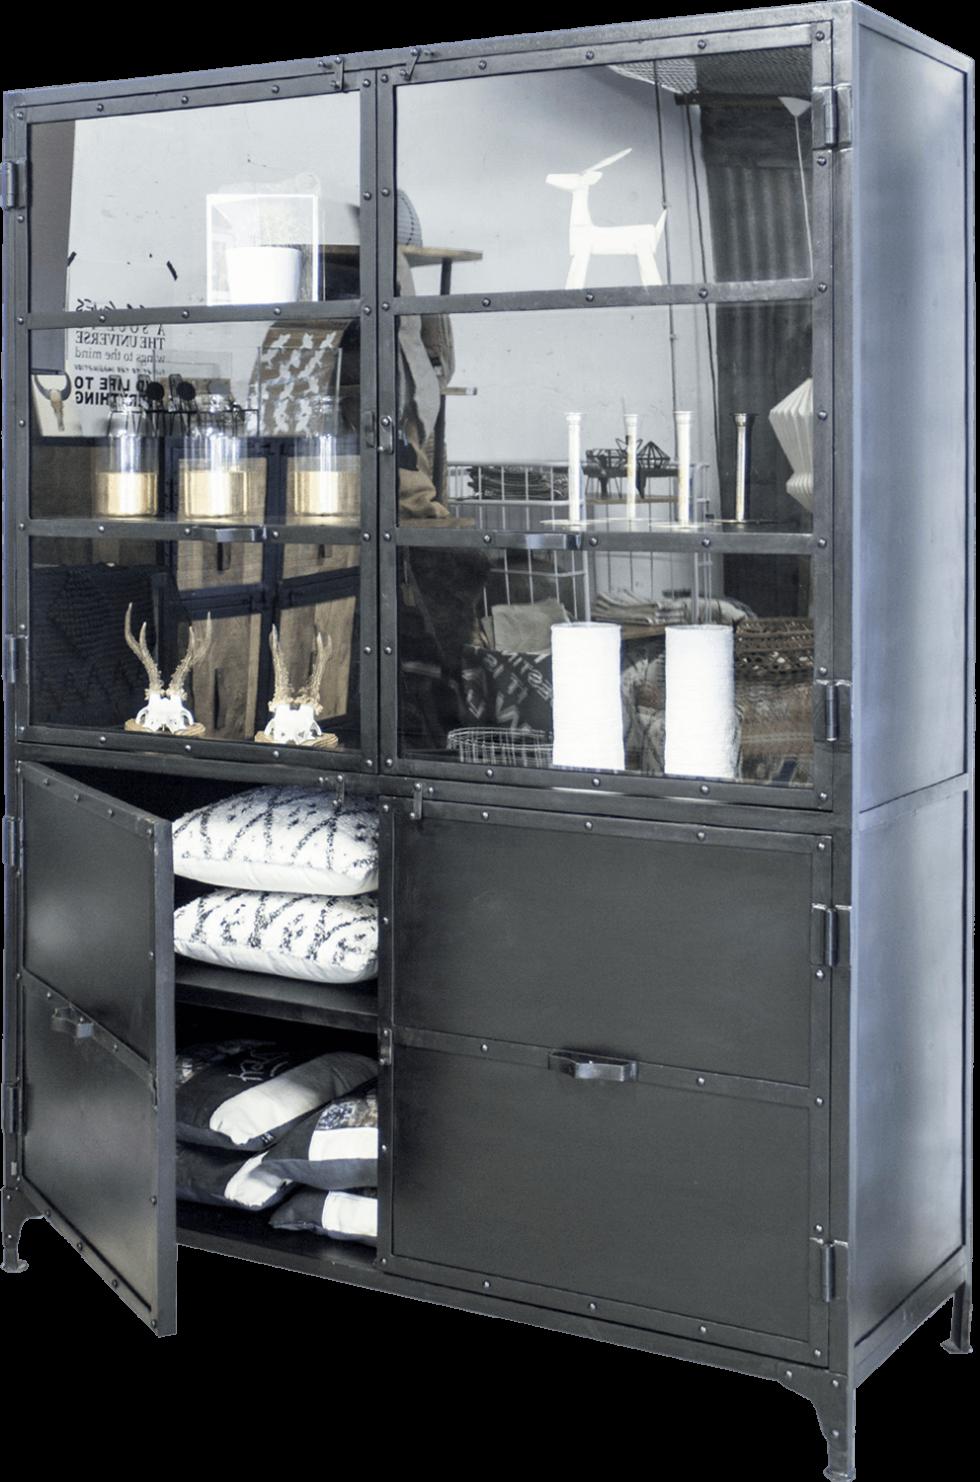 K040z Robuust industriële buffetkast, marcia giga meubel, van quip&Co